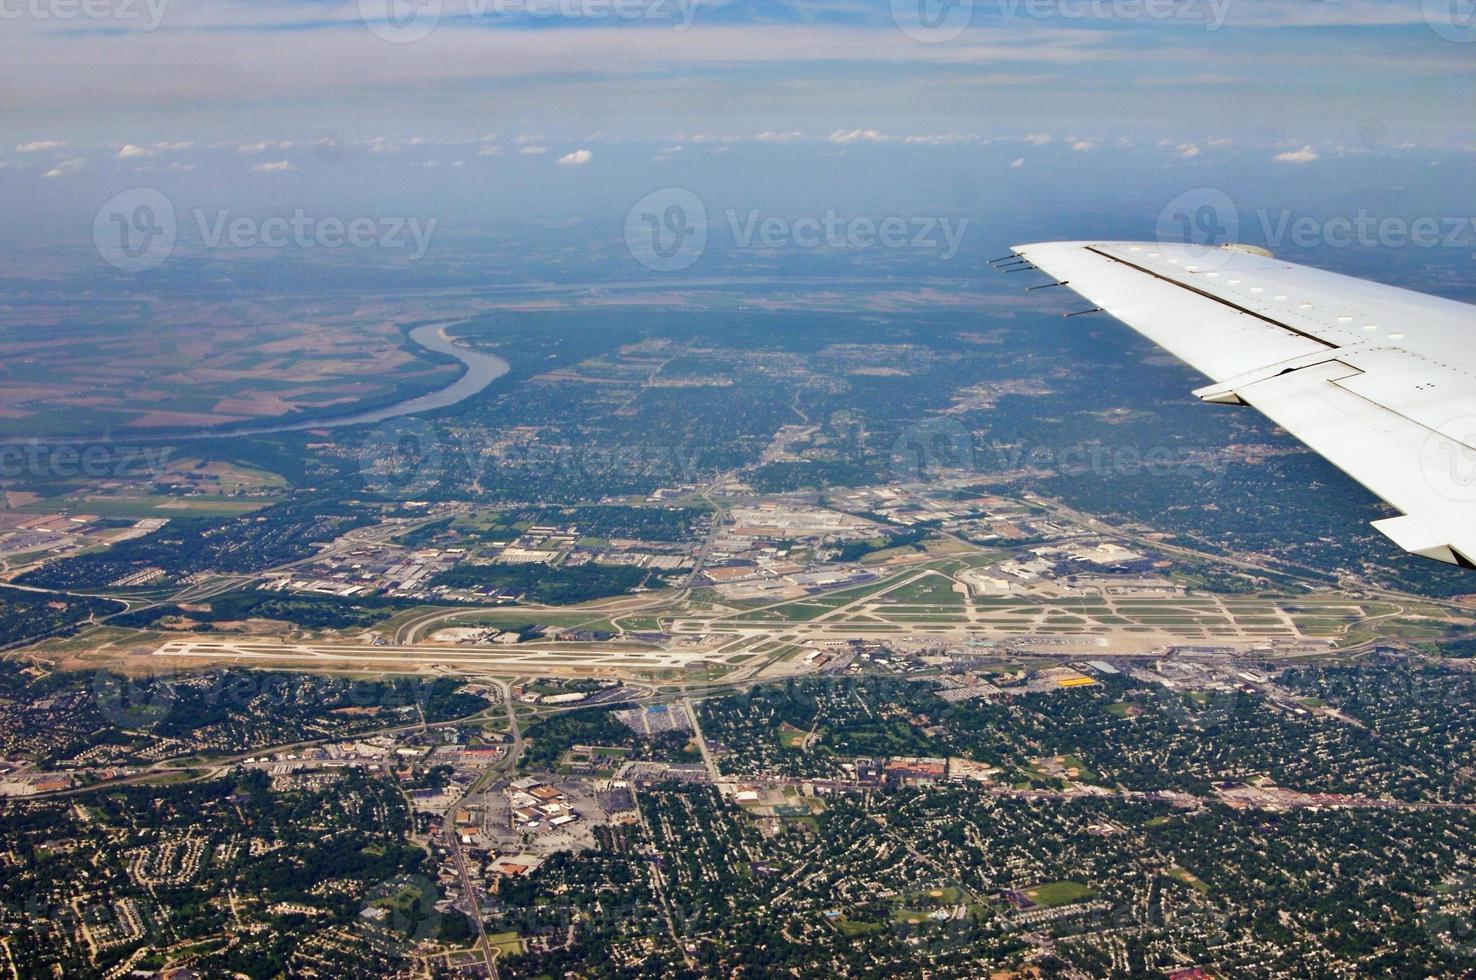 st. louis flygplats från luften foto